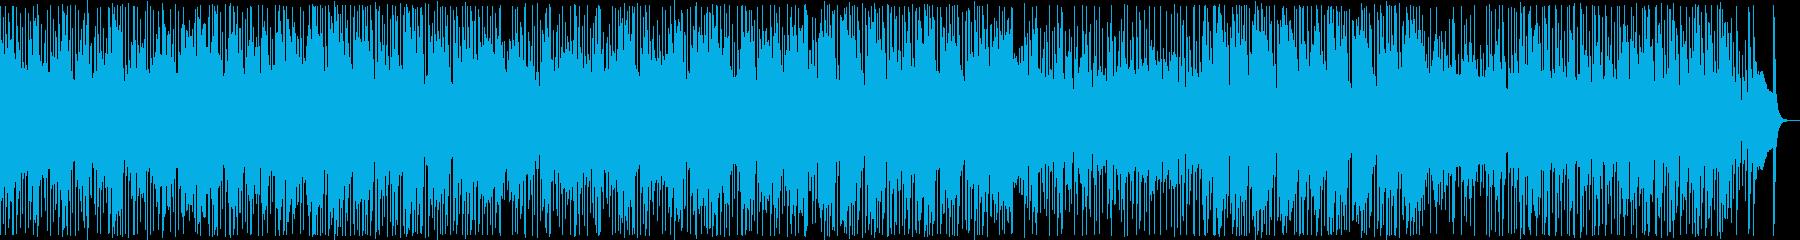 懐かしい雰囲気の感動バラード2の再生済みの波形